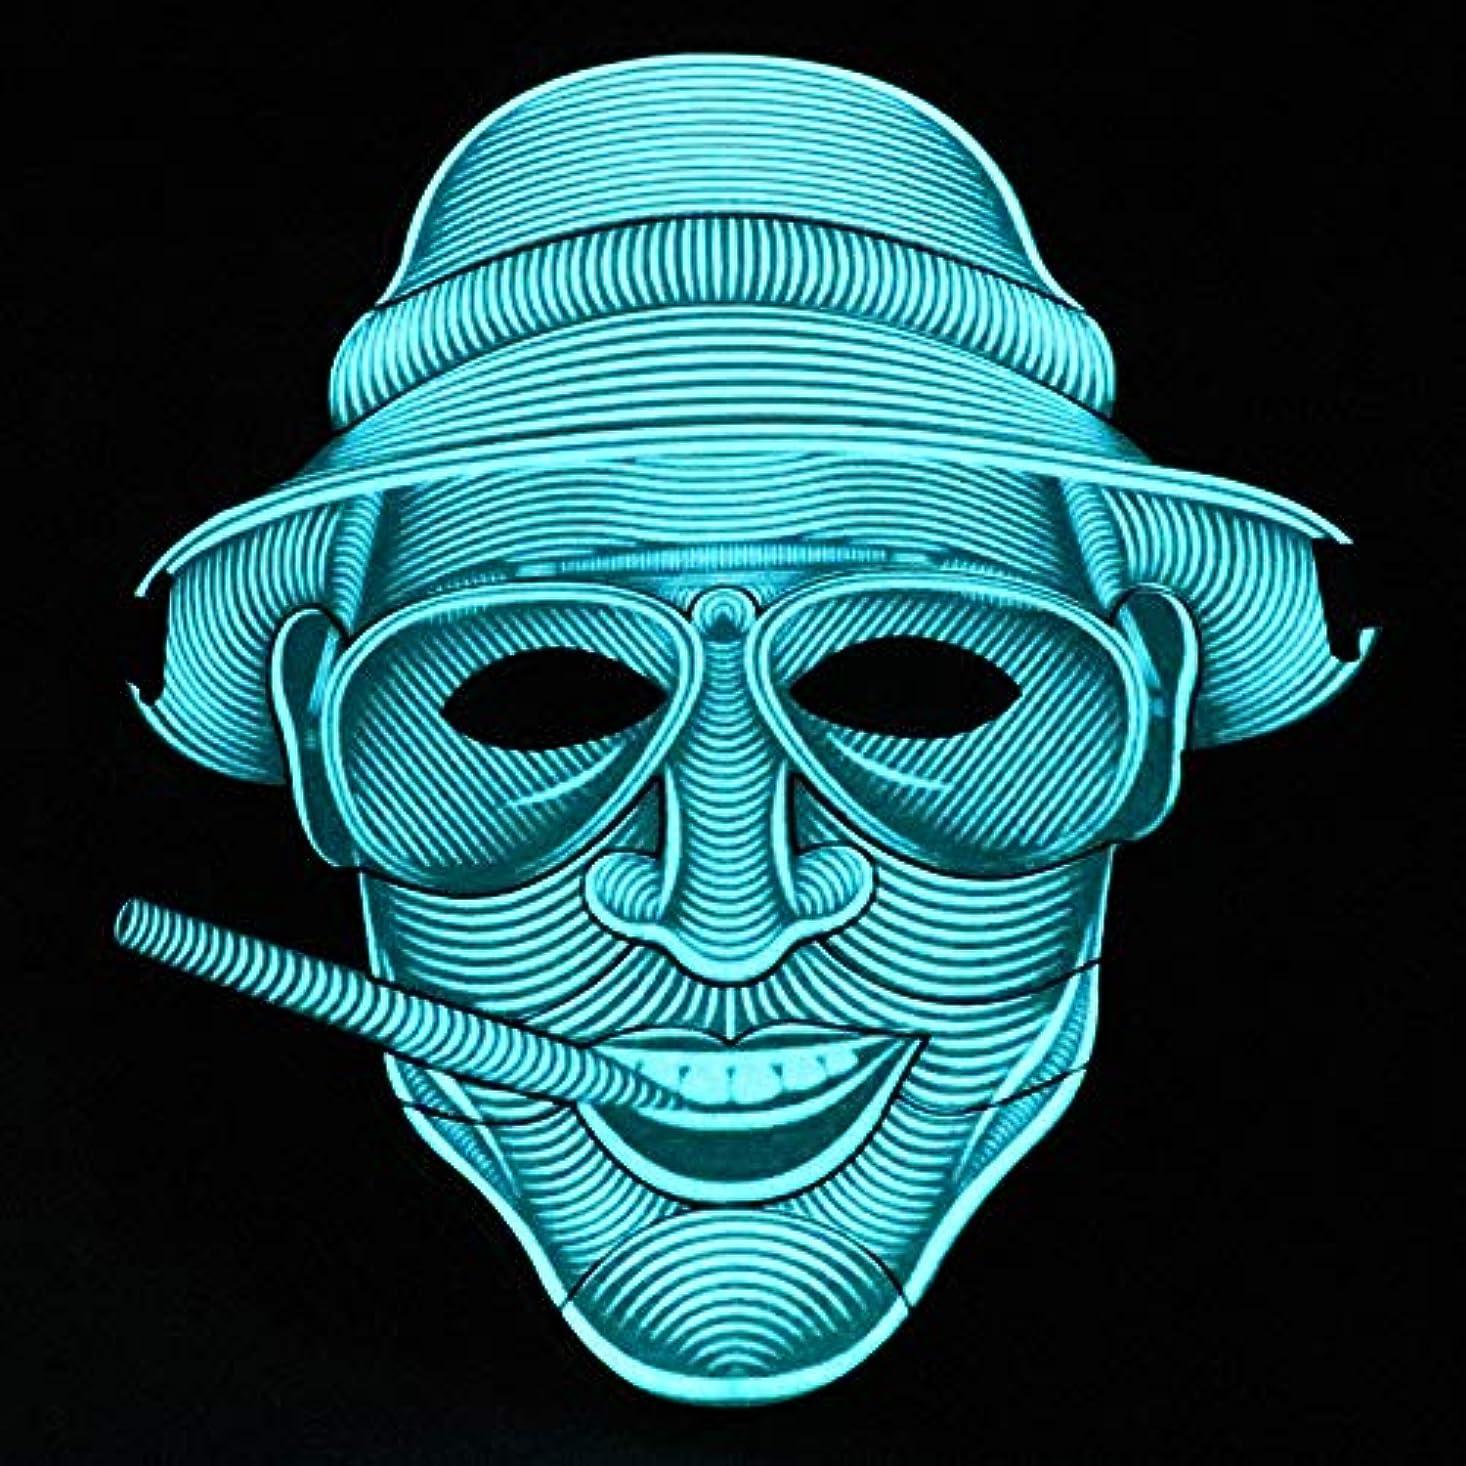 紛争起きて開始照らされたマスクLED創造的な冷光音響制御マスクハロウィンバーフェスティバルダンスマスク (Color : #12)